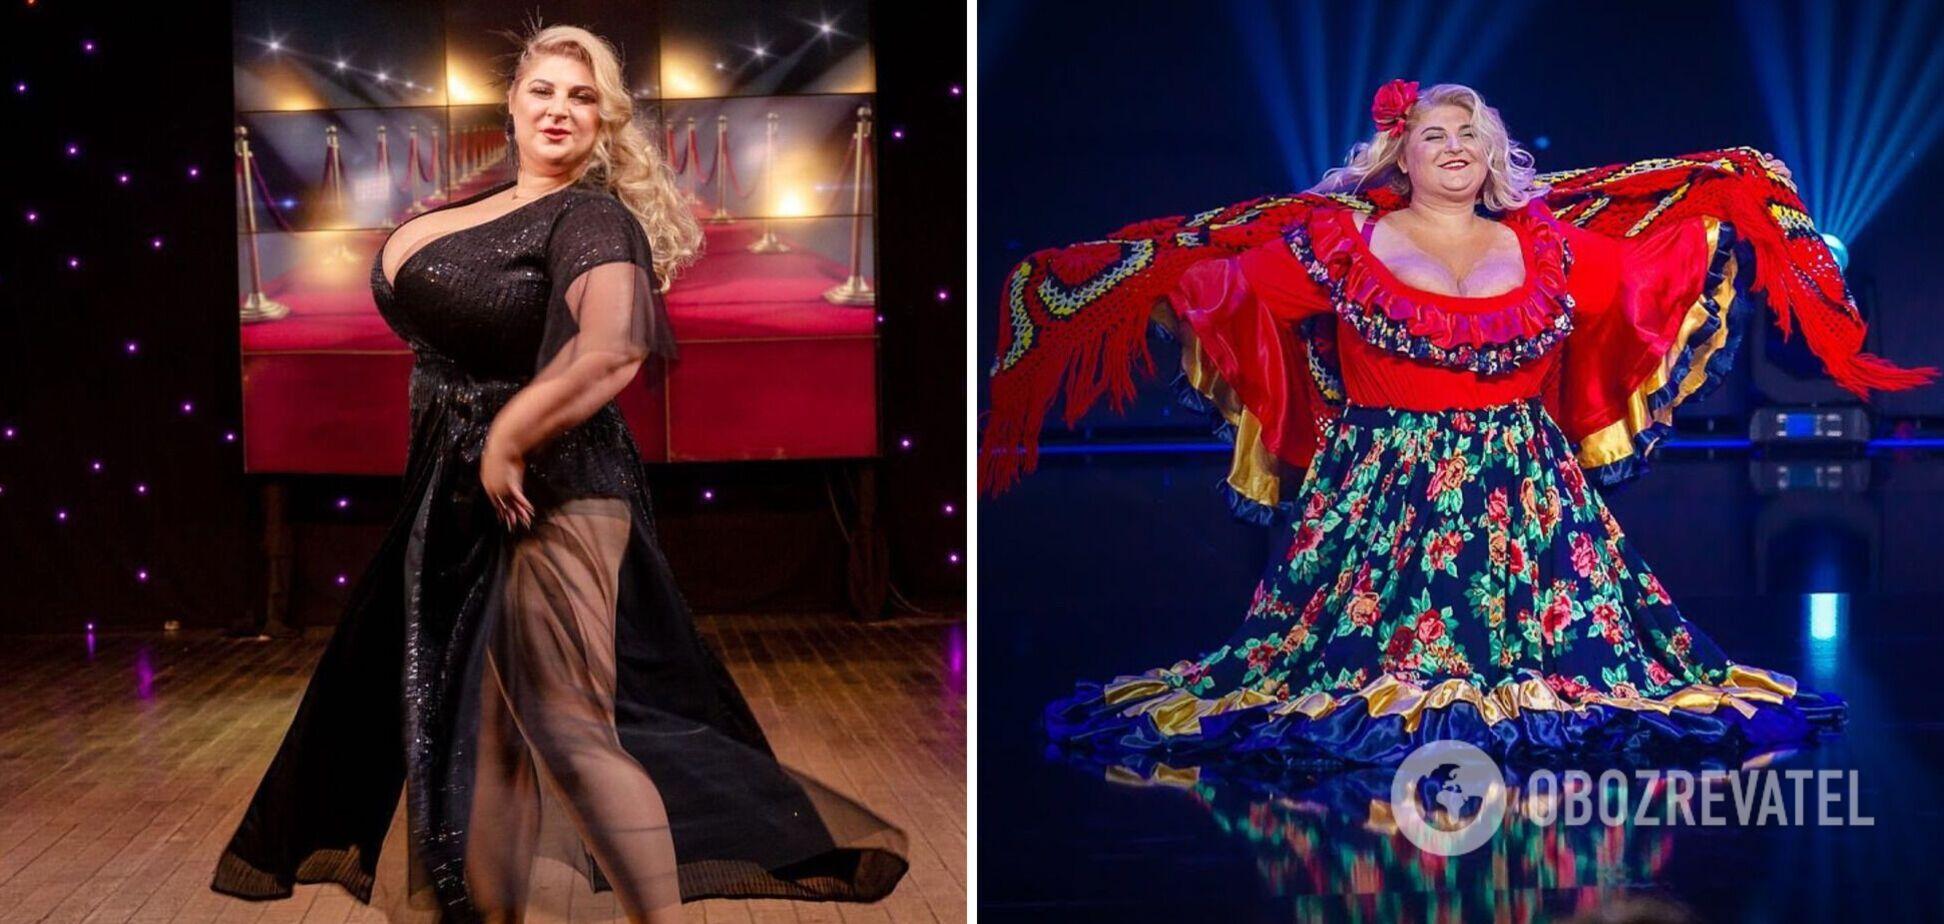 'Там таких, як я, немає': учасниця 'Україна має талант' з 15-м розміром грудей розповіла, чим займеться після шоу. Ексклюзив